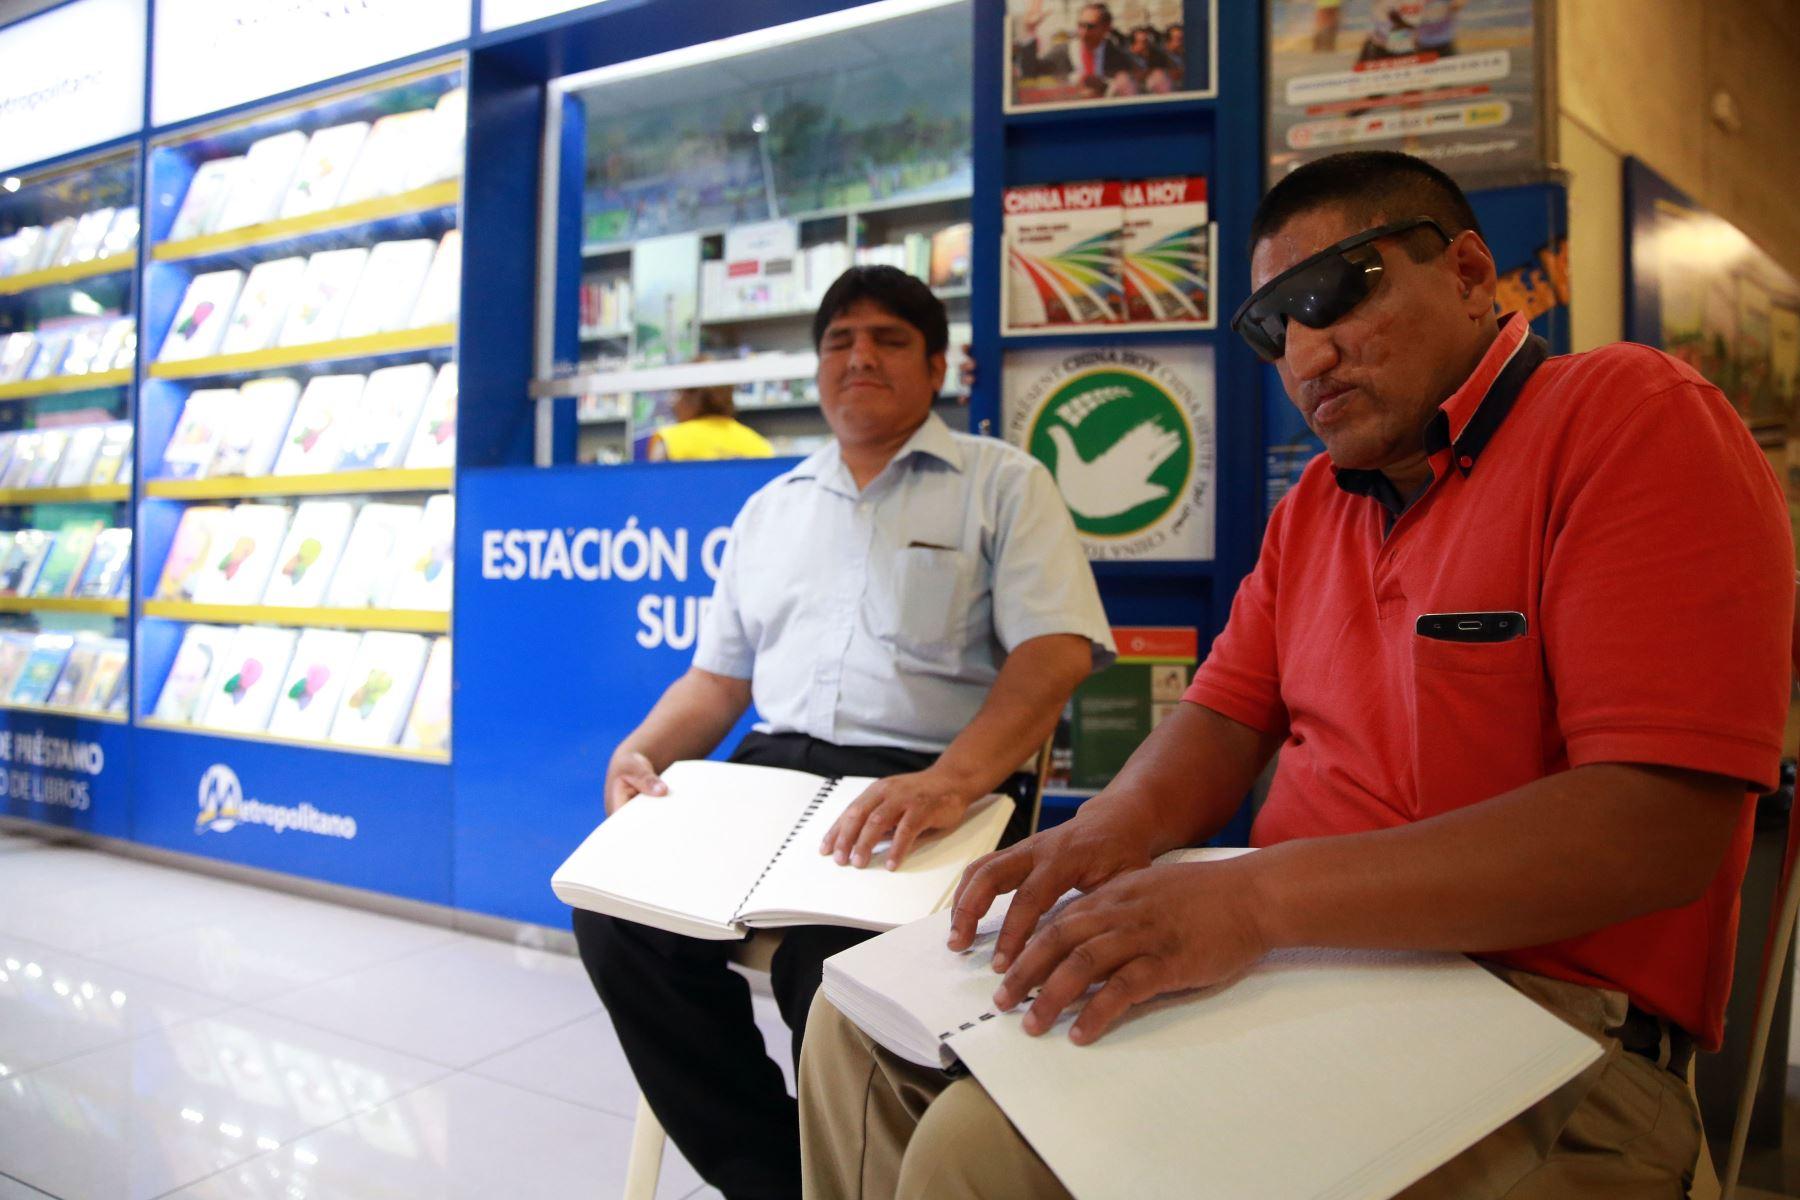 Libros en Braille se ofrecen en El Metropolitano. Foto: ANDINA/Vidal Tarqui